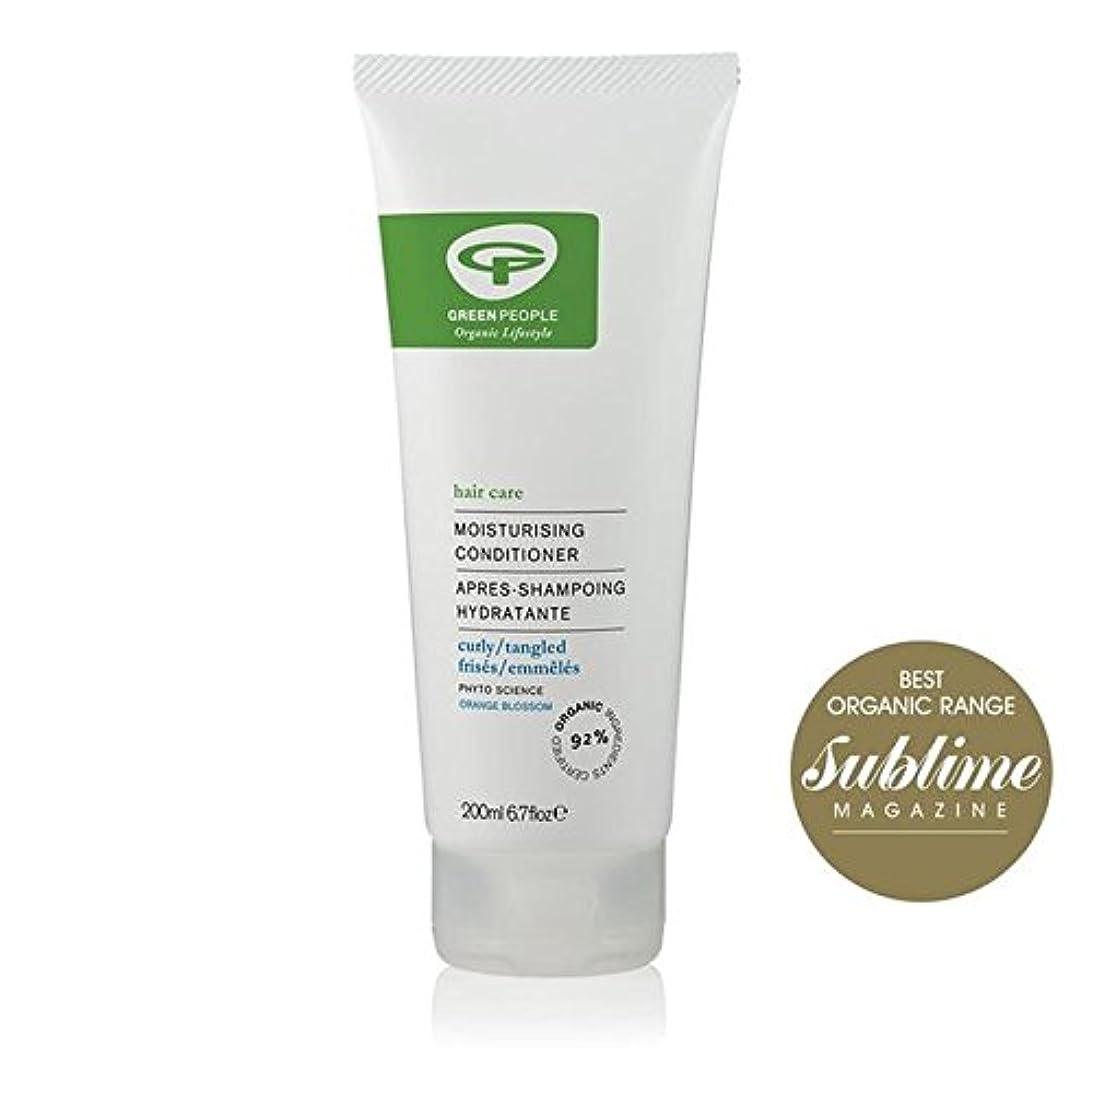 賞賛する予備切断する緑の人々の有機保湿コンディショナー200 x4 - Green People Organic Moisturising Conditioner 200ml (Pack of 4) [並行輸入品]